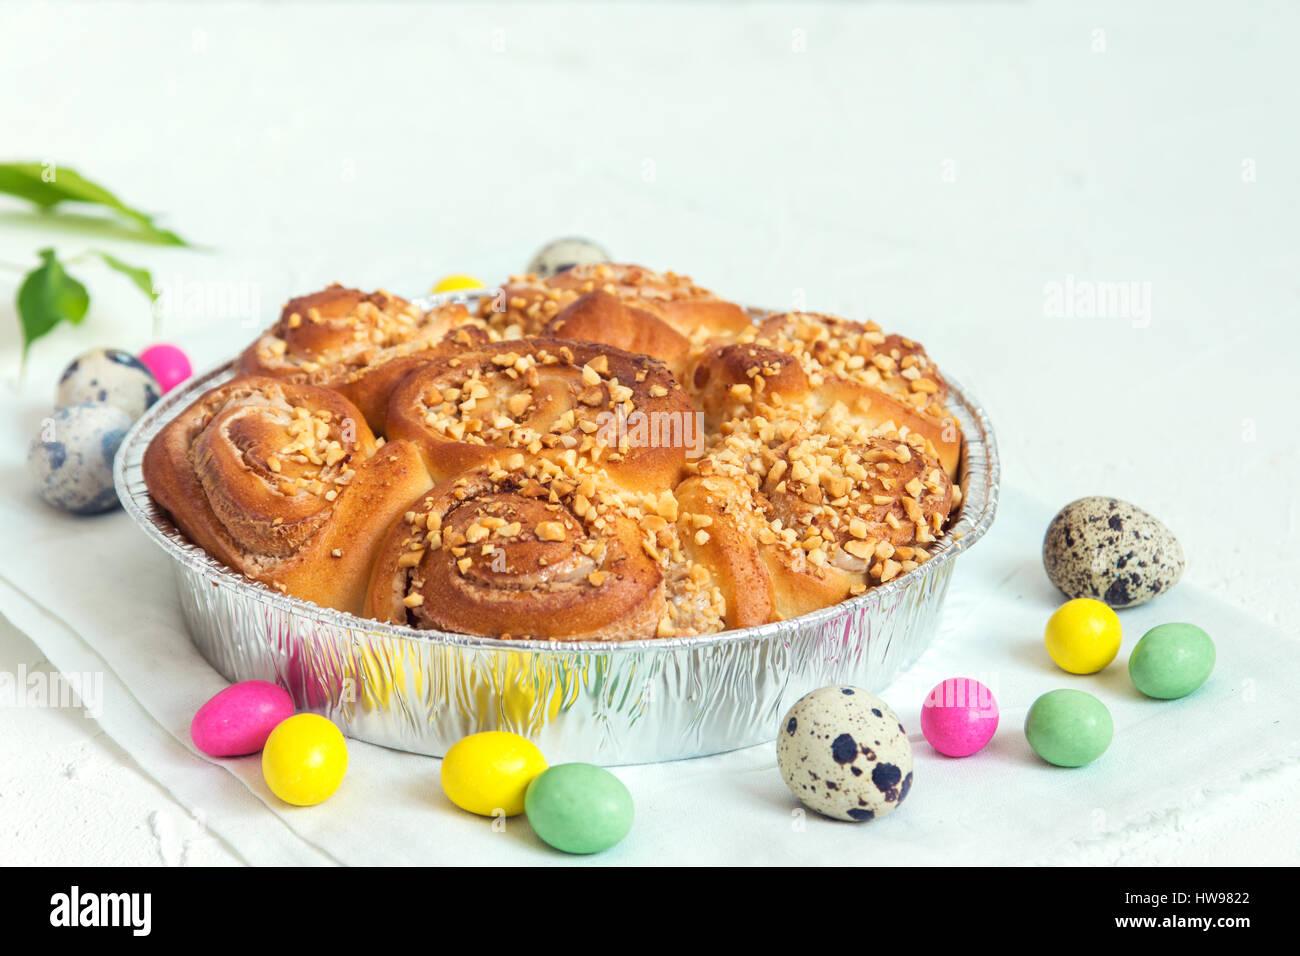 Ostern Gebäck. Frische hausgemachte cremige Zimtschnecken mit Nüssen. Zimtschnecken mit Frischkäse Stockbild